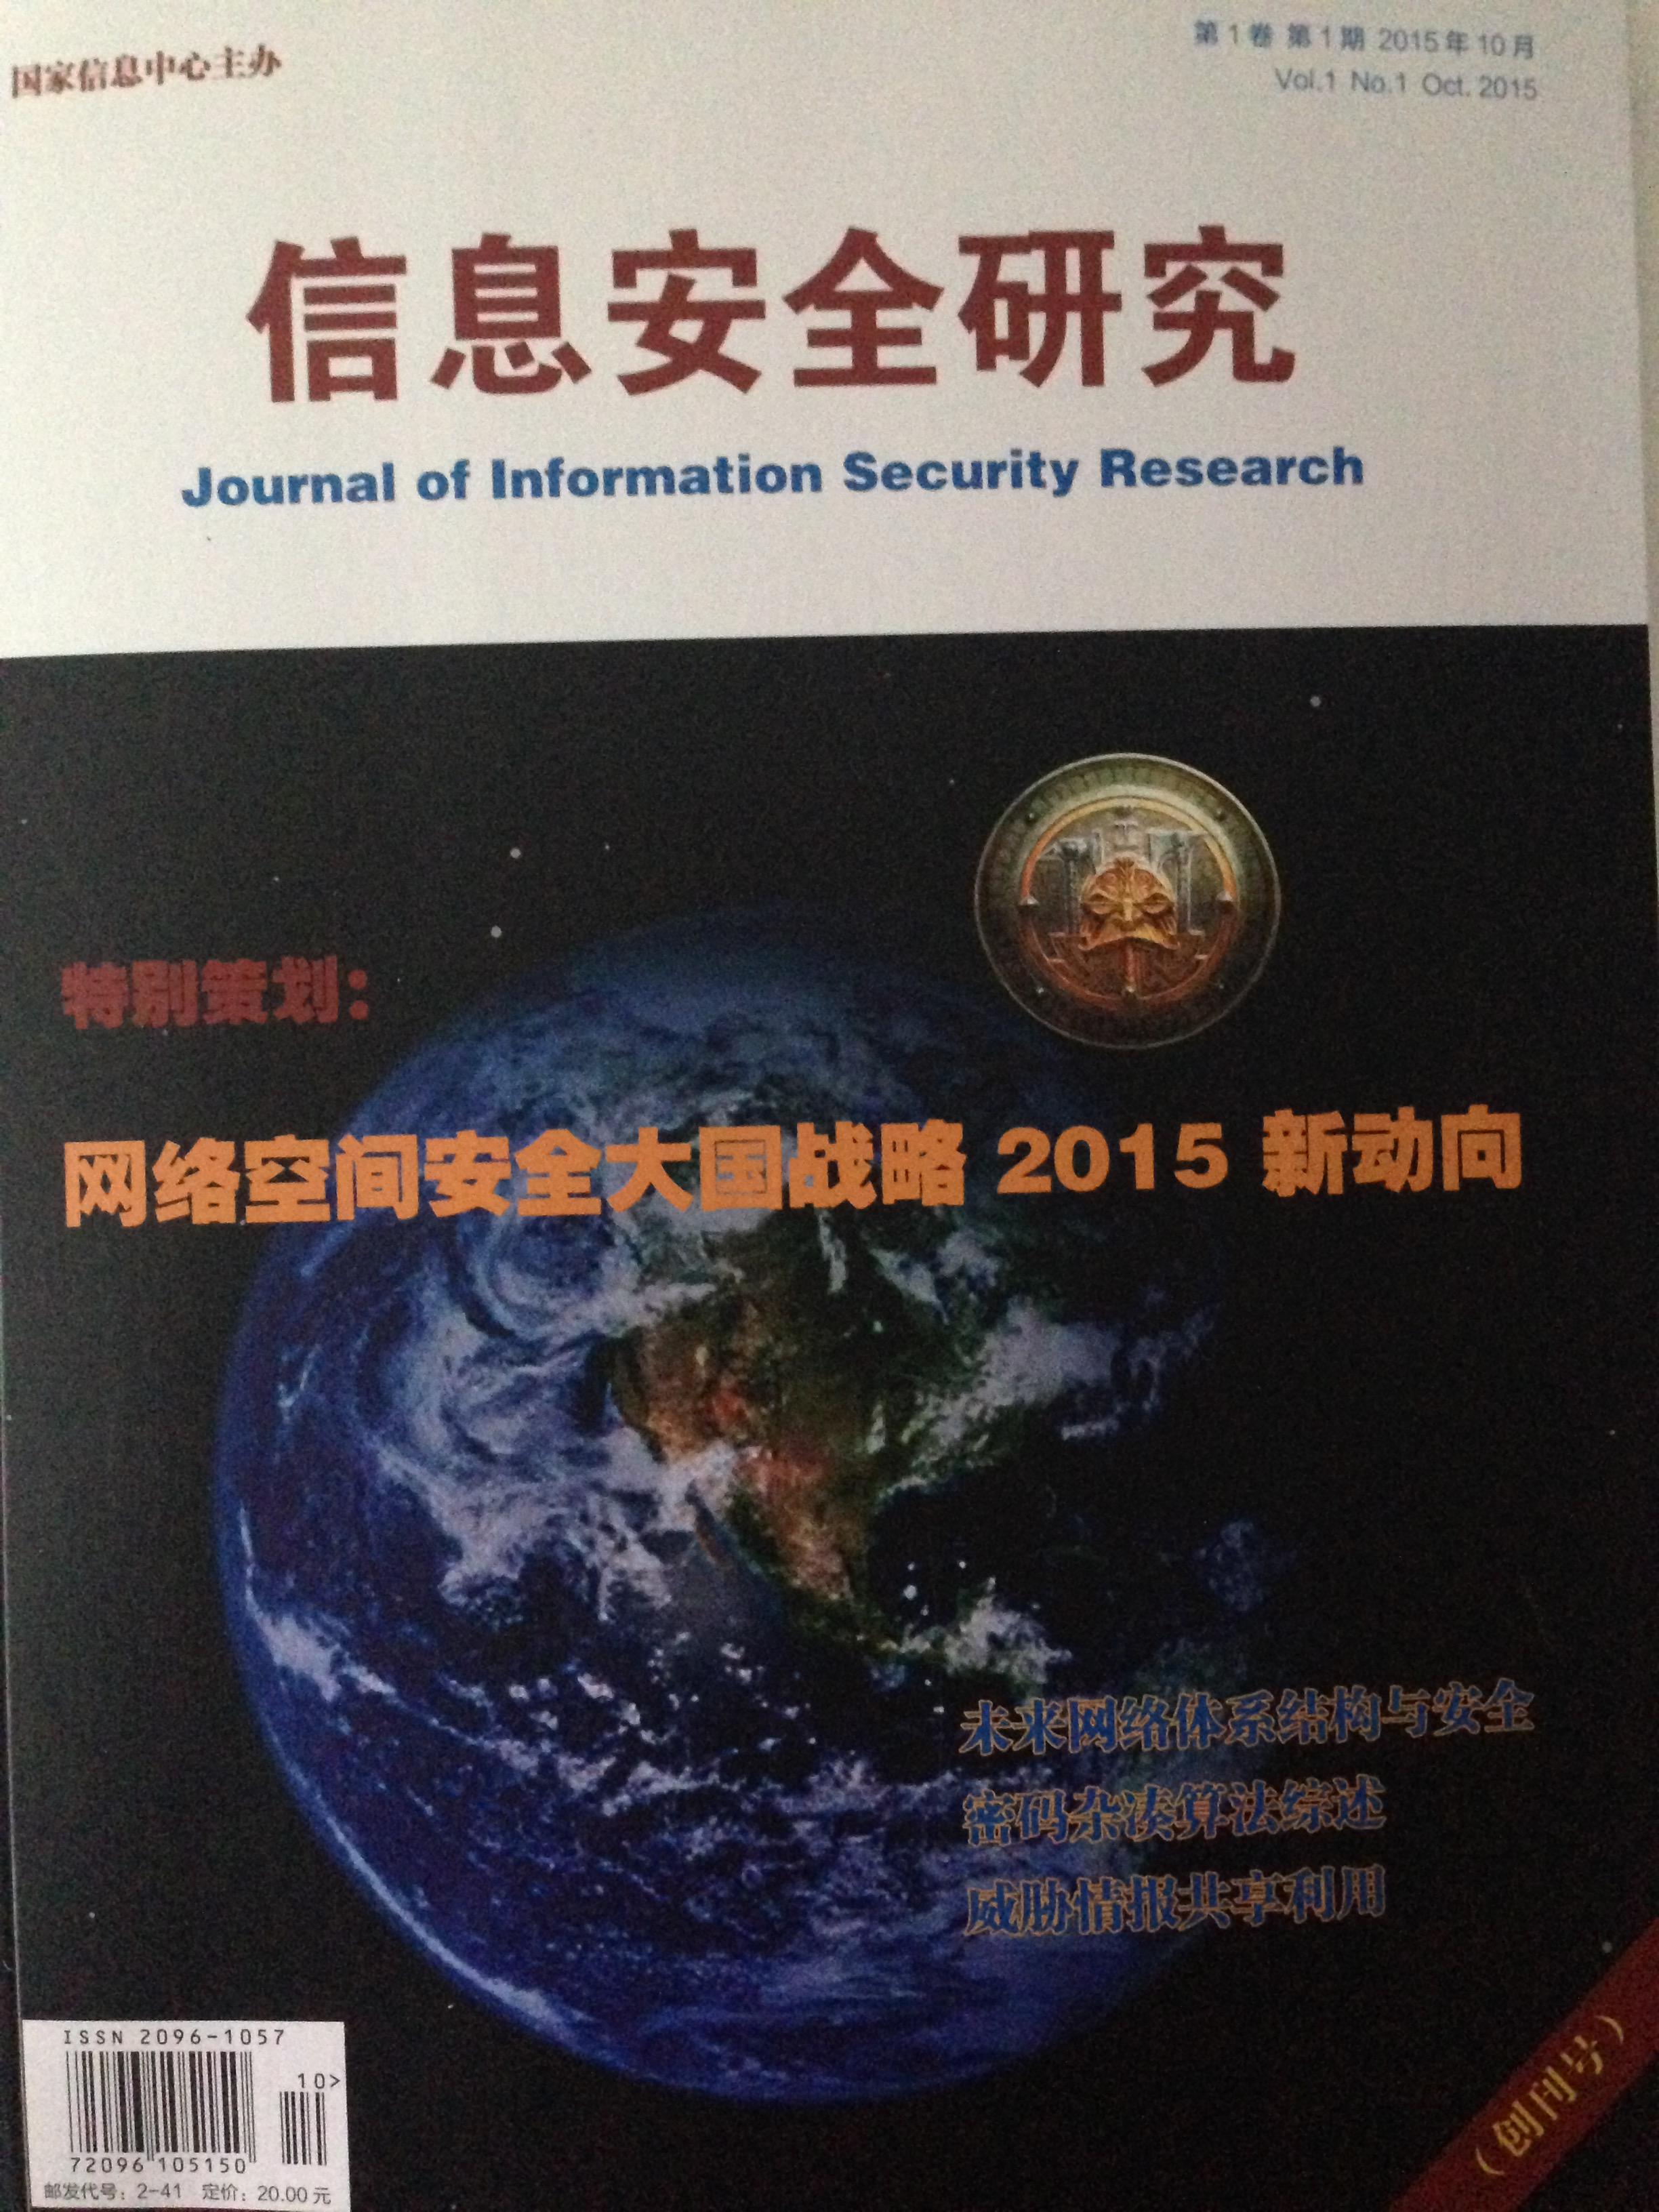 《信息安全研究》杂志创刊暨信息网络安全研讨会 在京举办